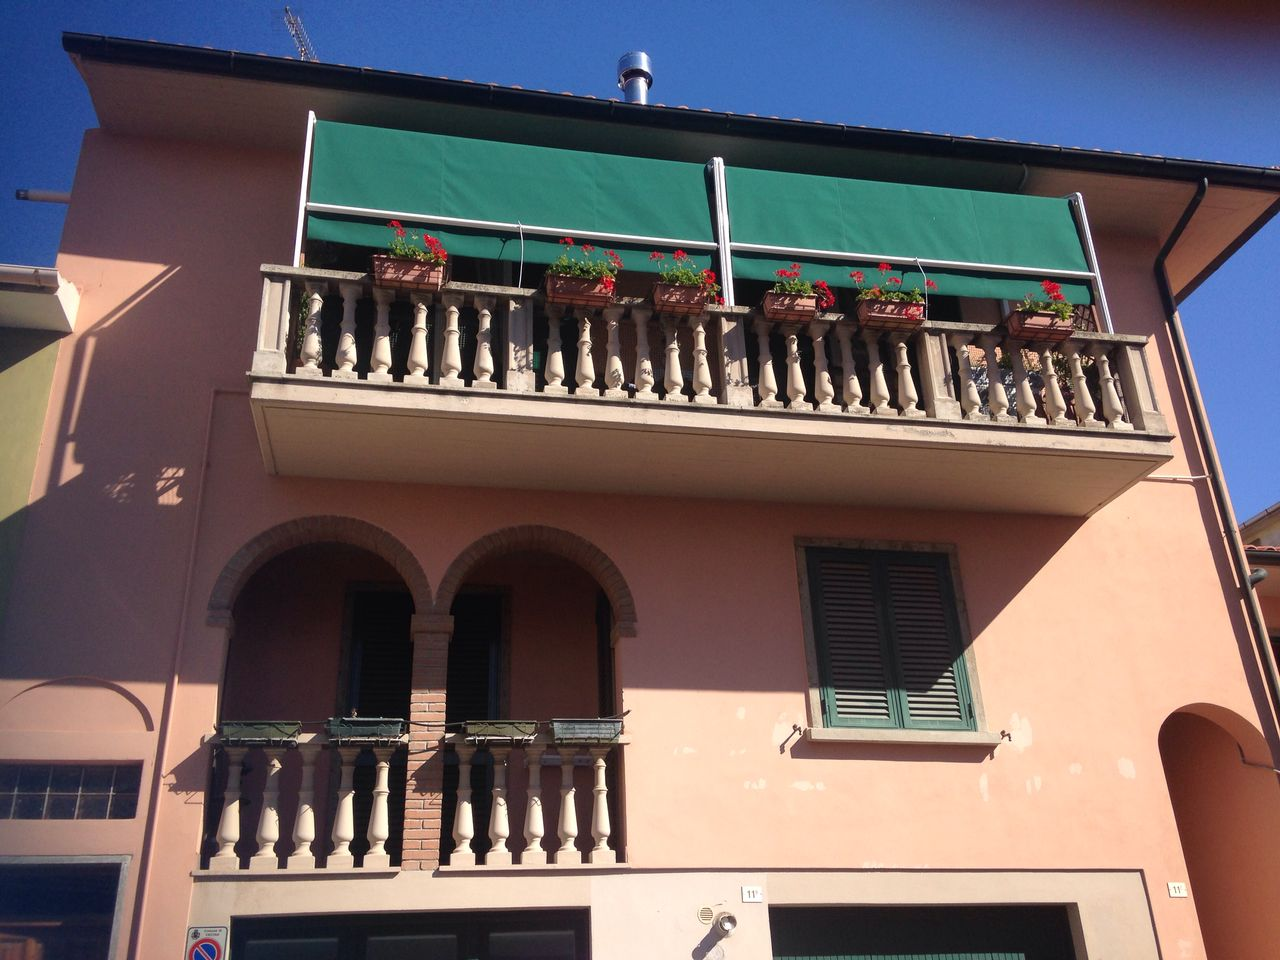 tende a capanno colore verde per copertura terrazzo <b>RIF: TS117</b>